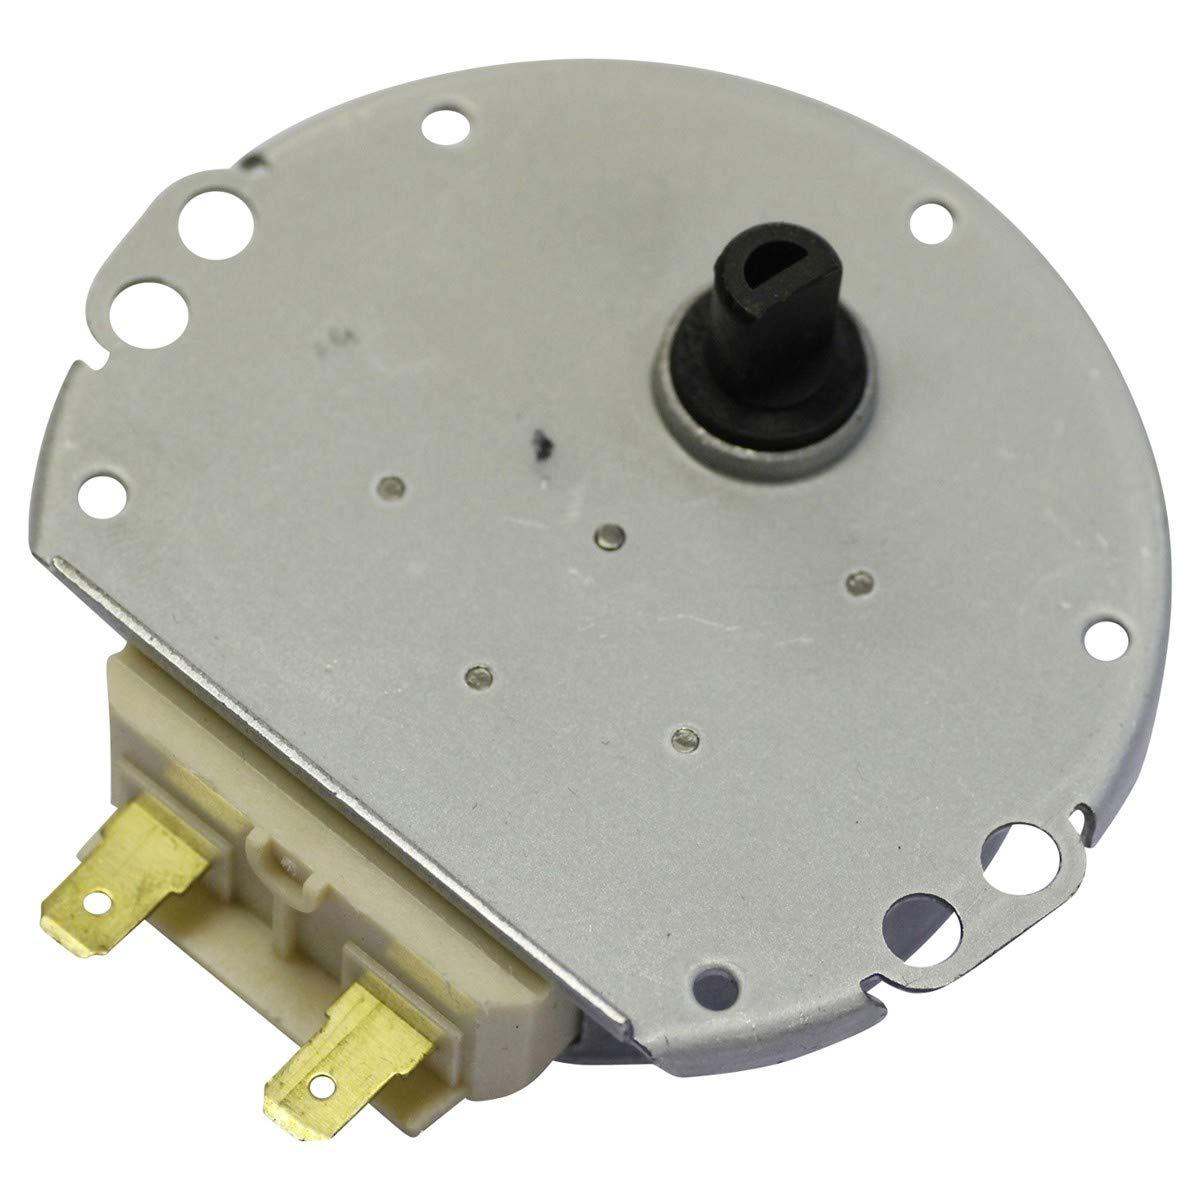 LG - Motor de bandeja para horno microondas: Amazon.es ...